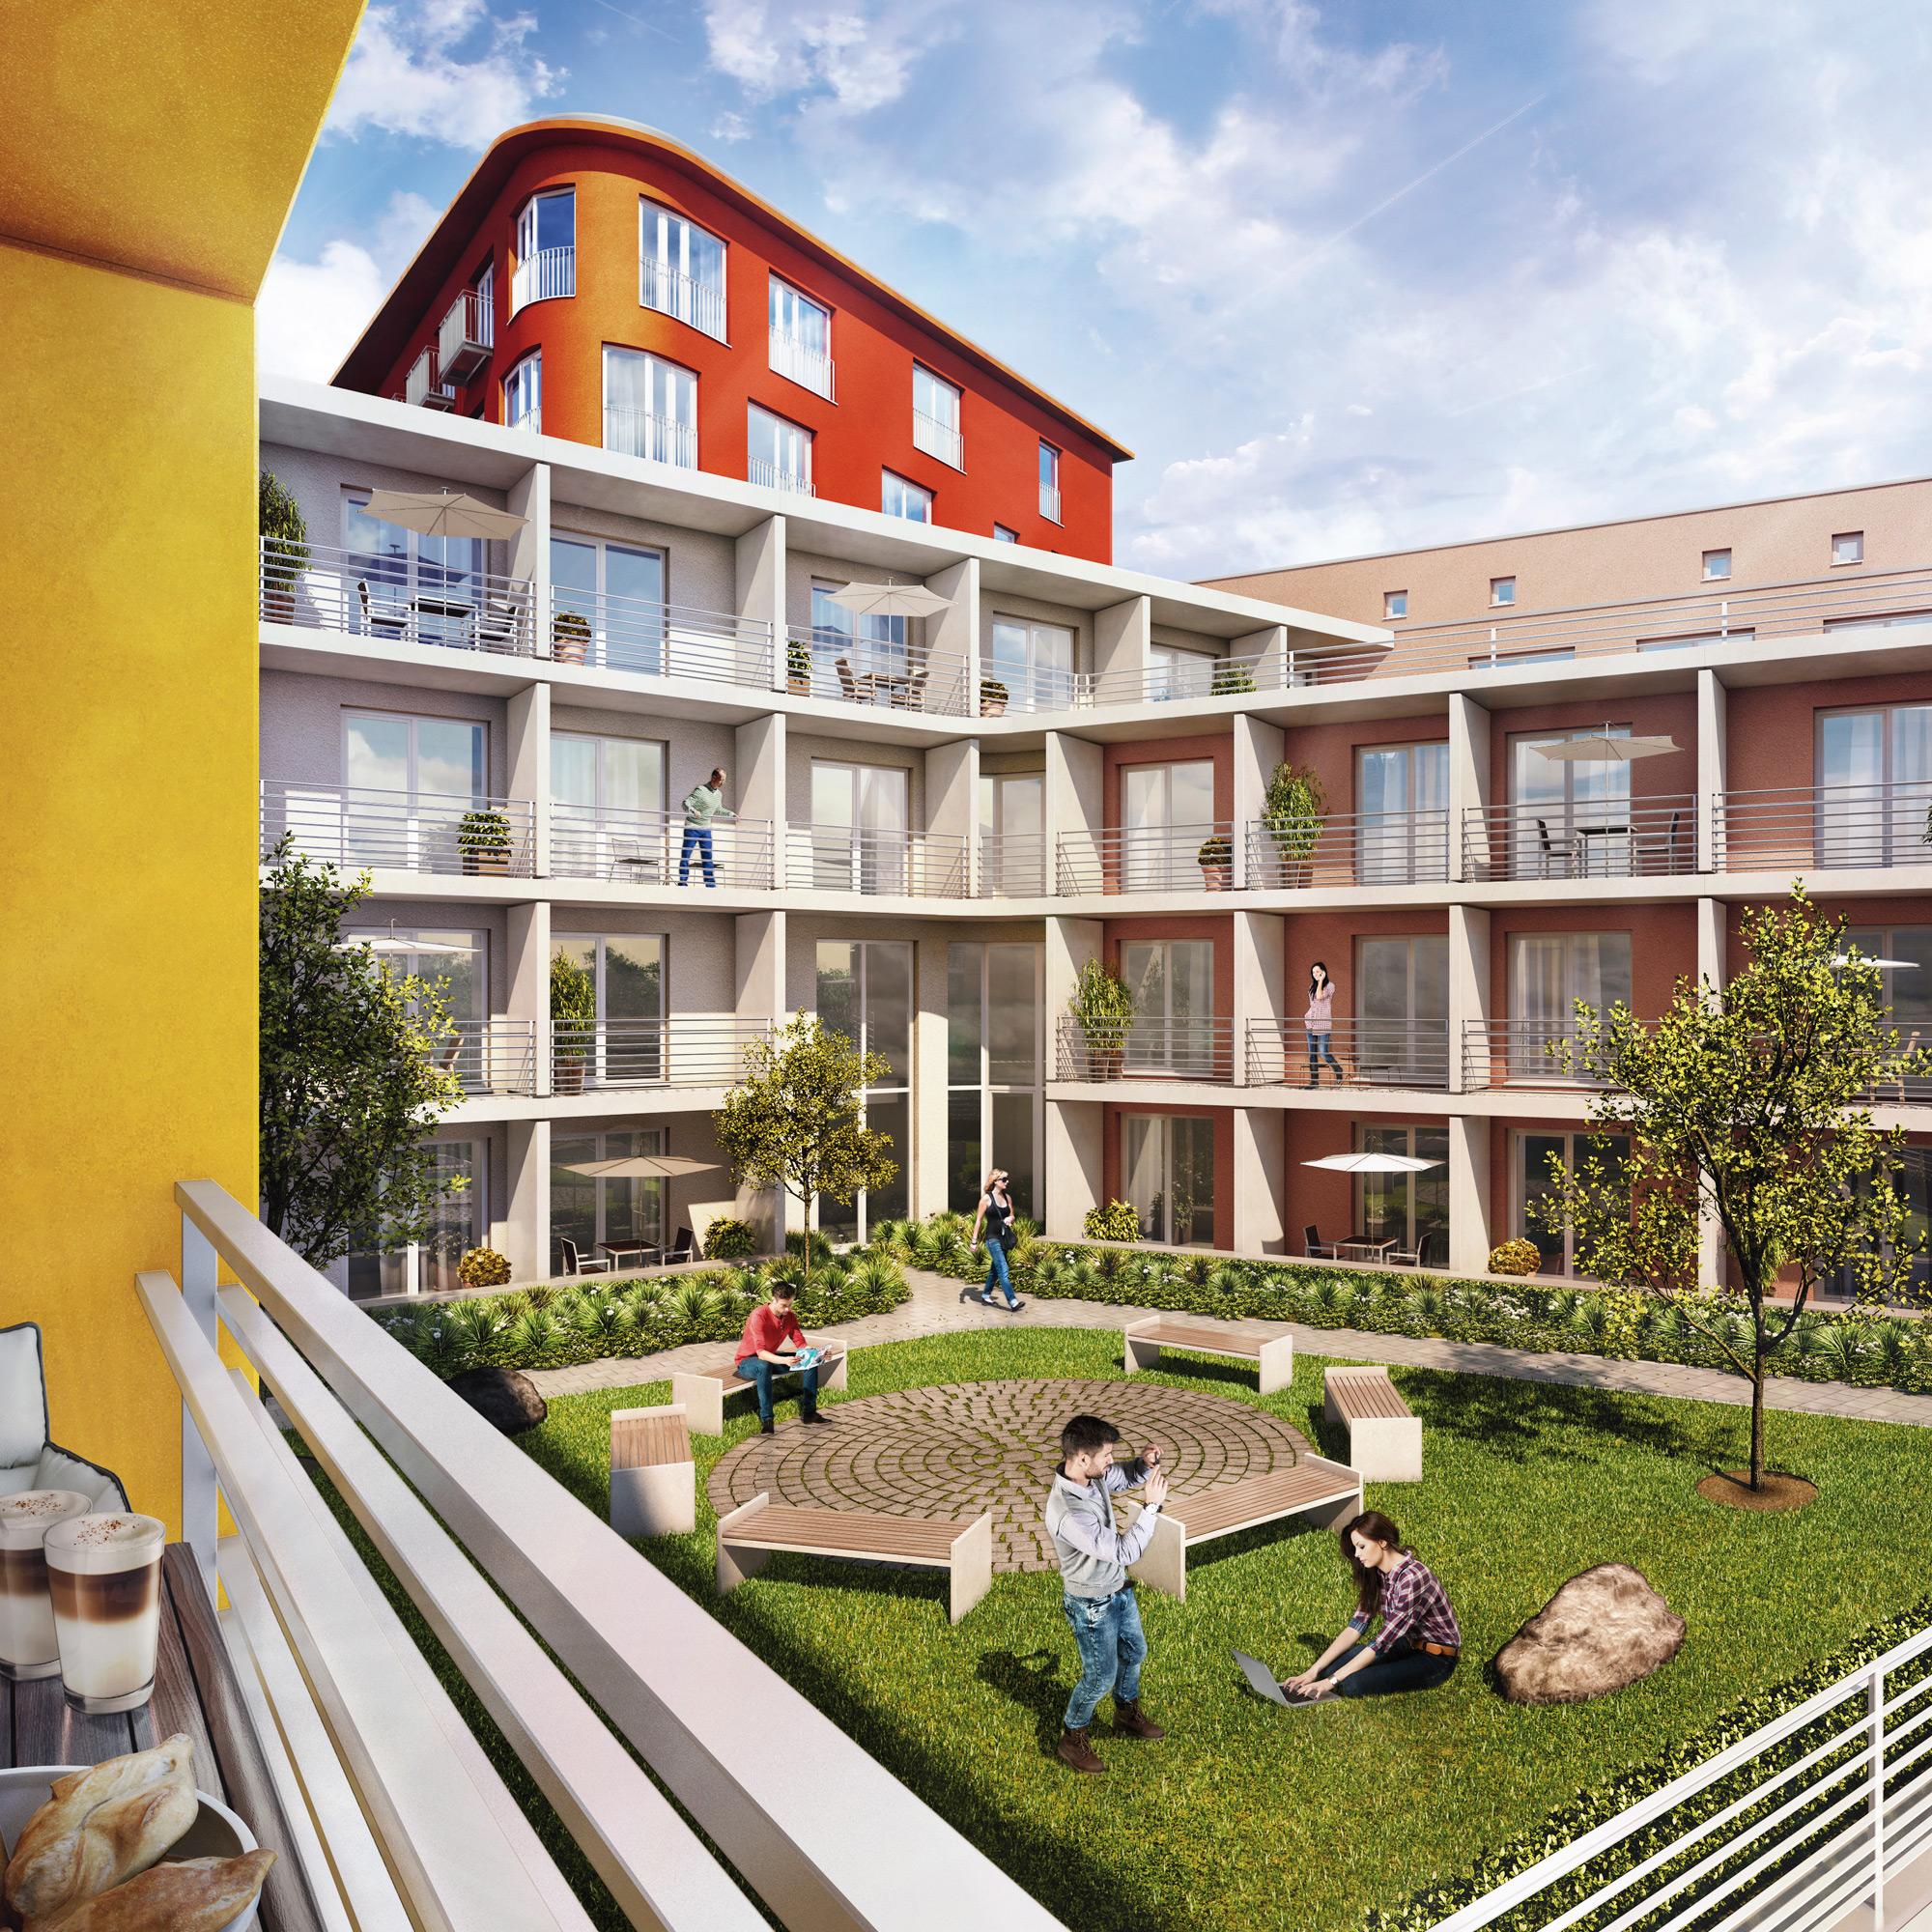 Außenansicht der Studentenwohnanlage studiosus 5 in Augsburg mit Apartments mit Balkon oder Terrasse sowie Innenhof mit Hofgarten